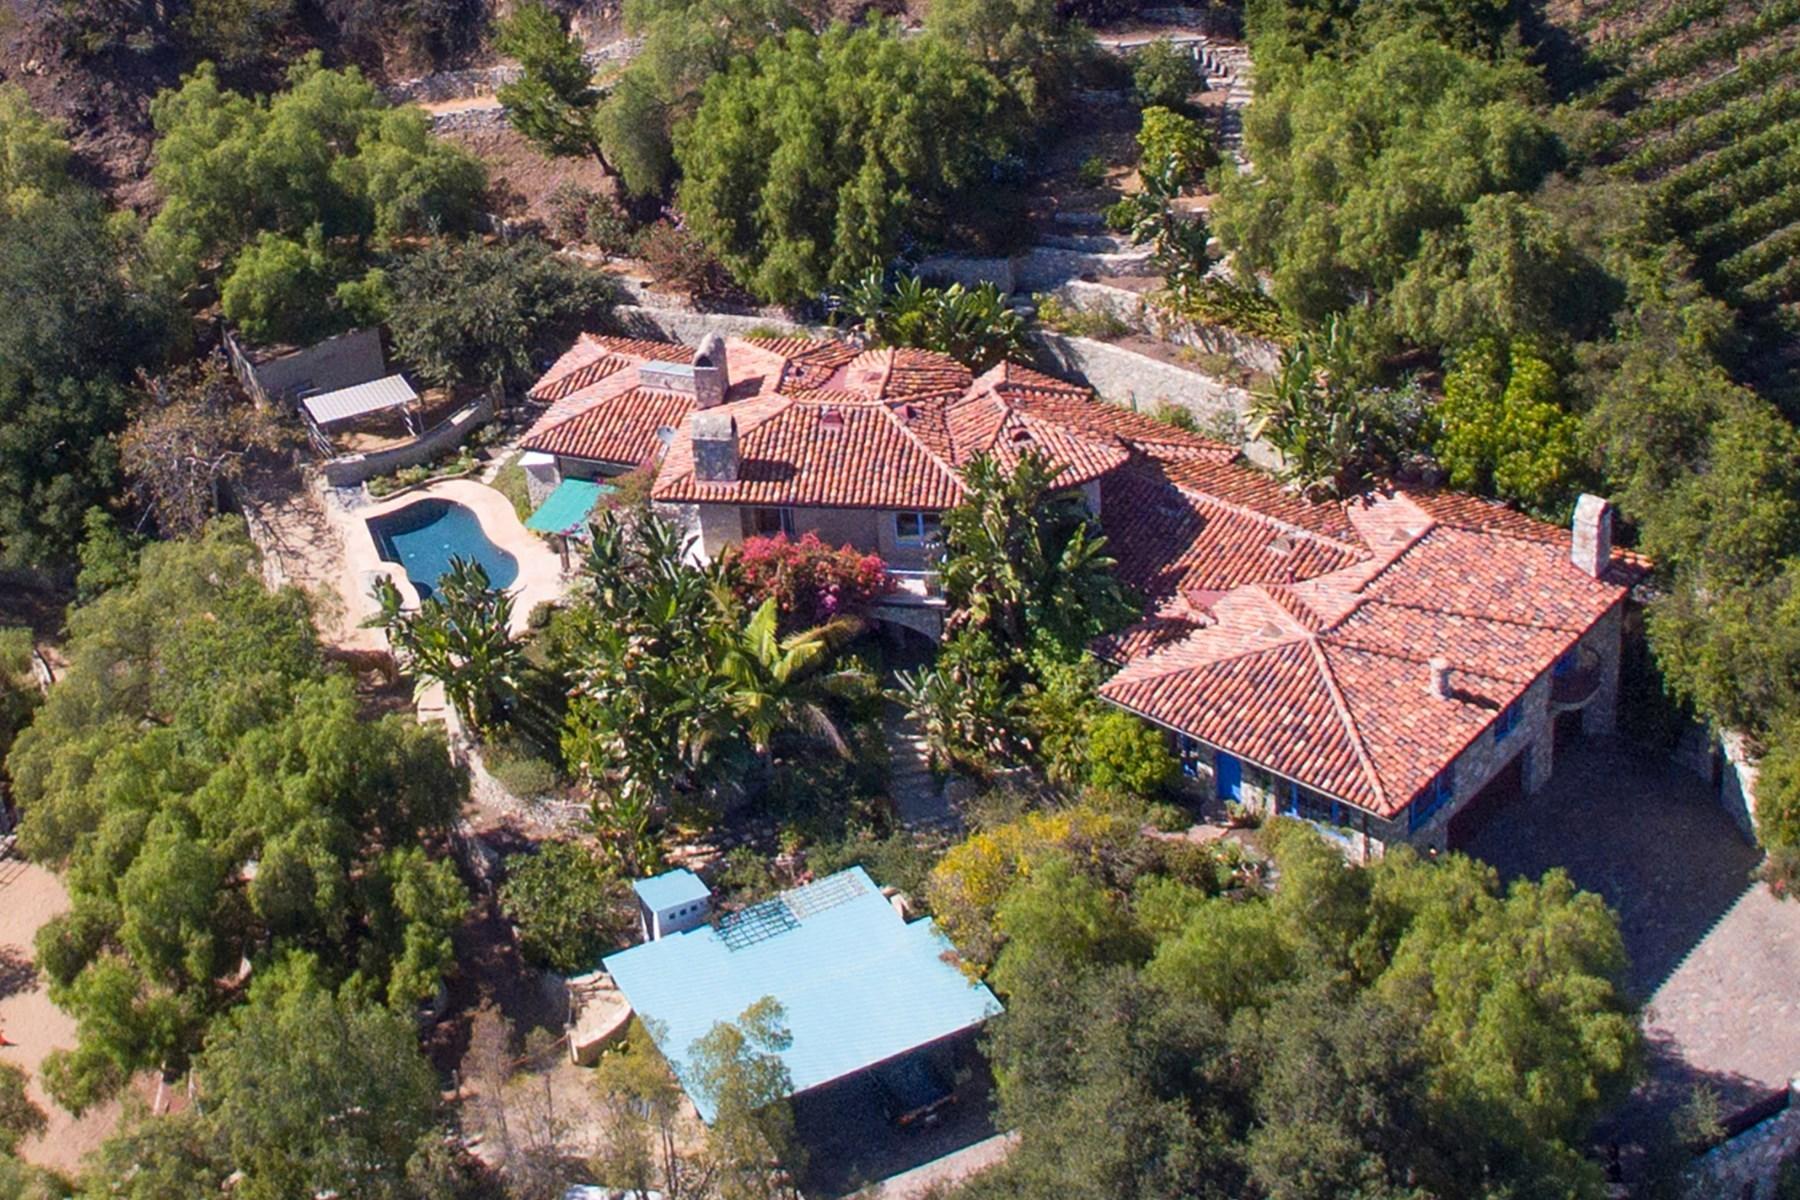 Nông trại / Trang trại / Vườn vì Bán tại Gated Stone Villa on approx. 3.7 acres 21415 Greenbluff Drive Topanga, California 90290 Hoa Kỳ